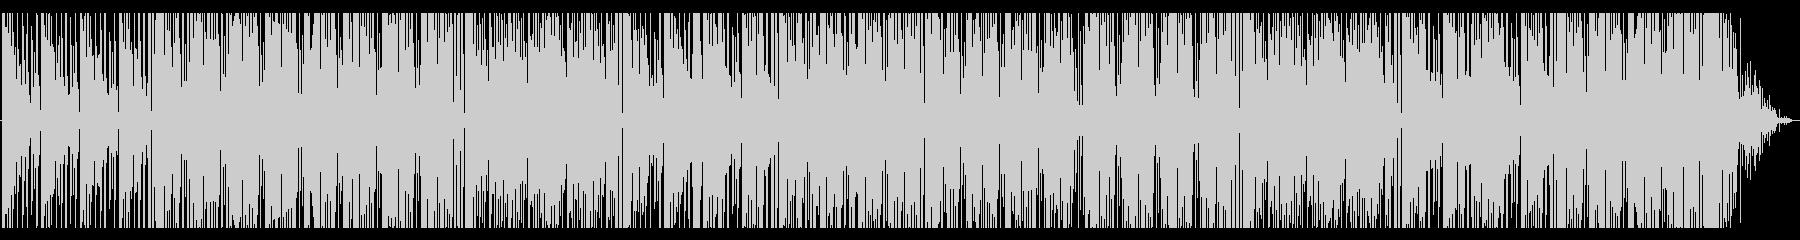 青/海/エレクトロ_No407の未再生の波形